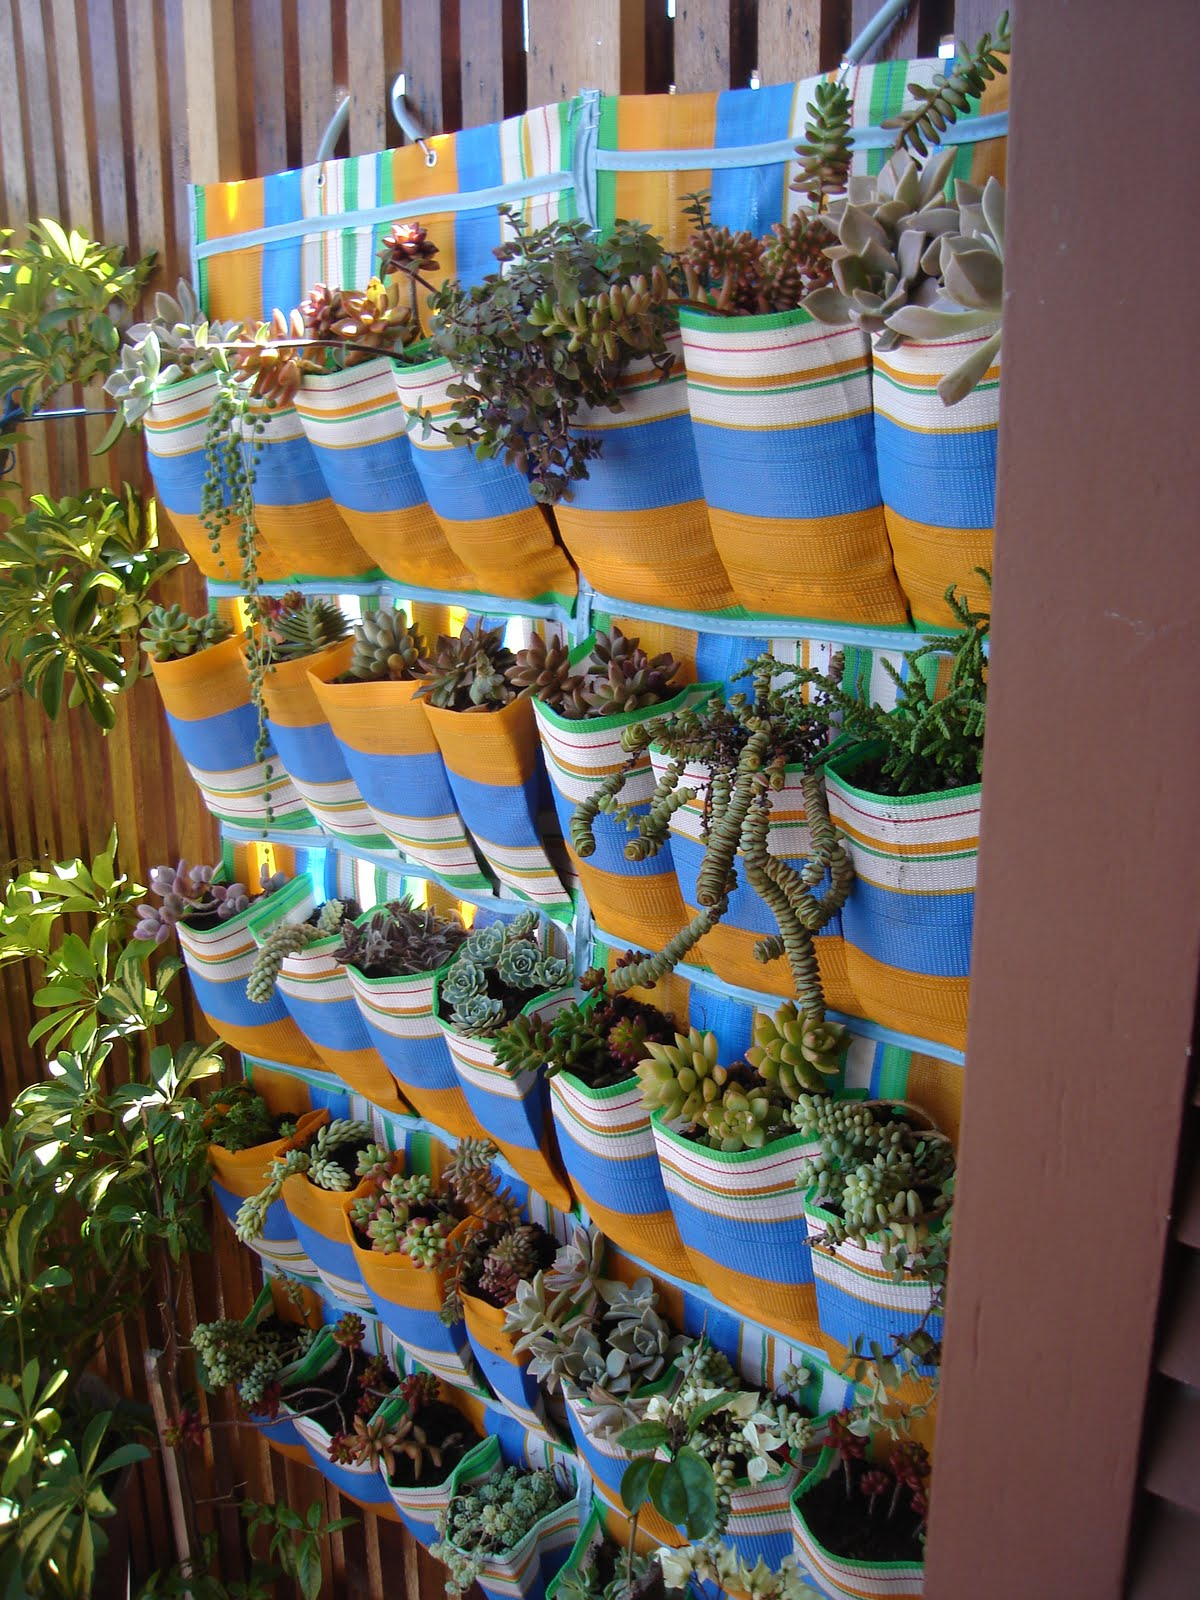 Текстильными полосатыми кармашками с разнообразными растениями можно дополнить любою вертикальную плоскость